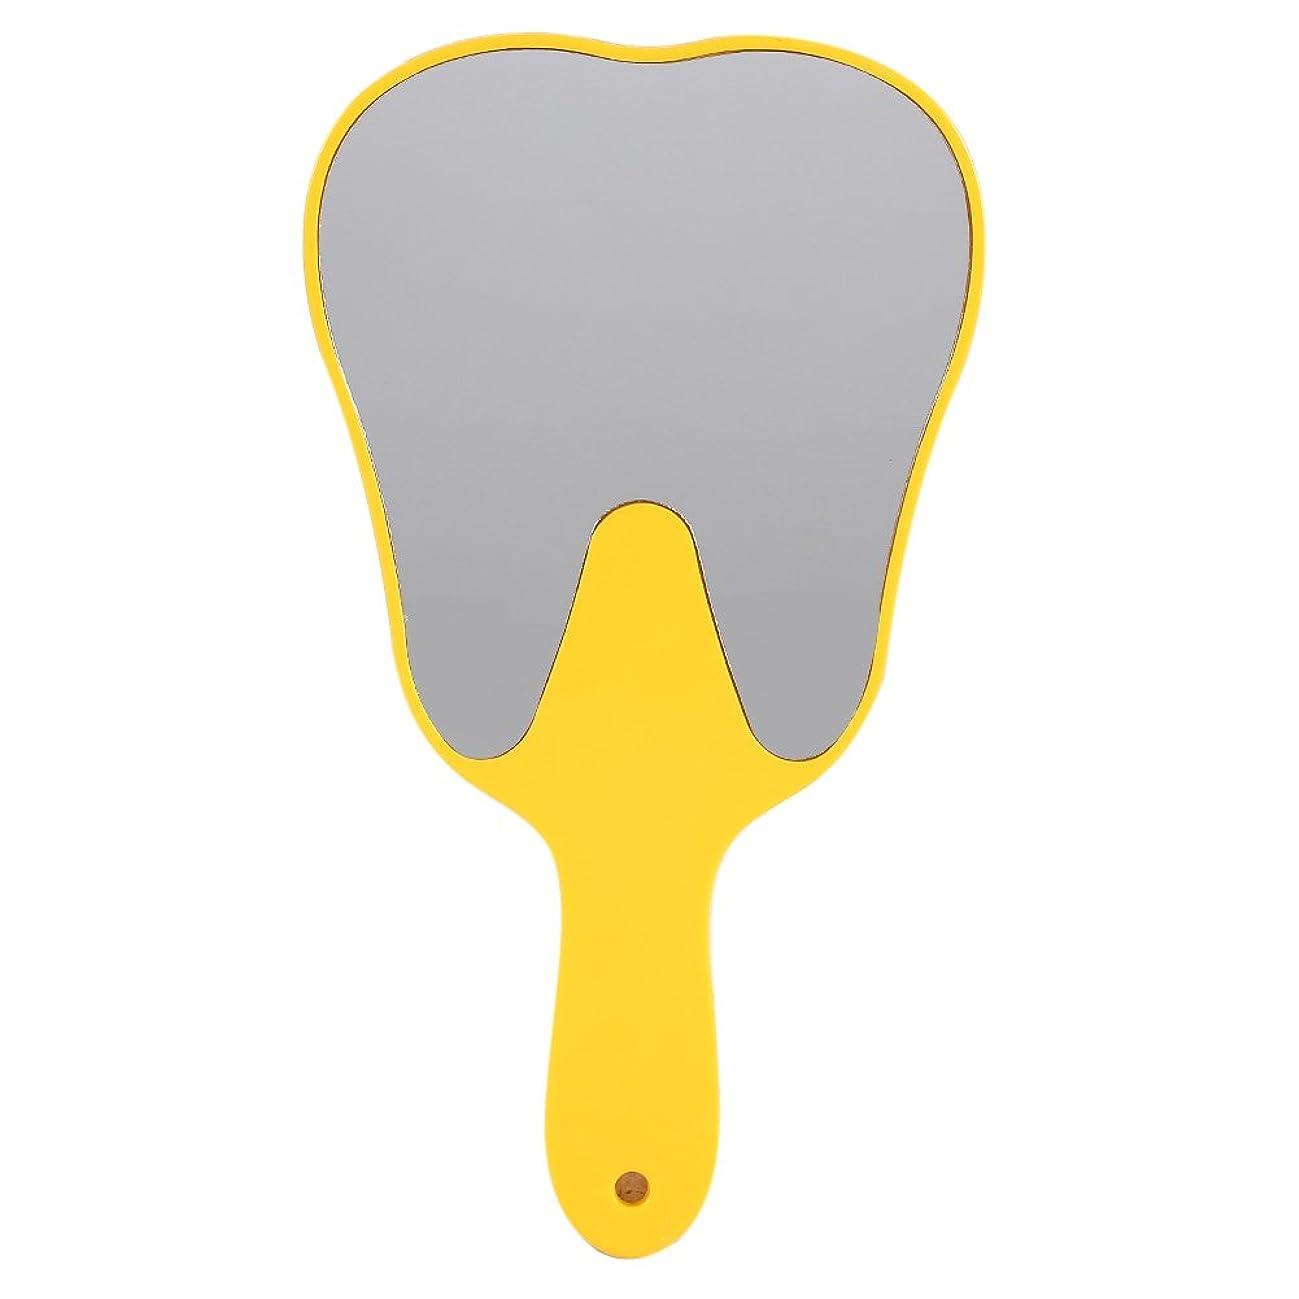 法廷病な彼女はおしゃれな便利なかわいいプラスチックハンドル歯歯科ケアハンドミラーツール(黄色)